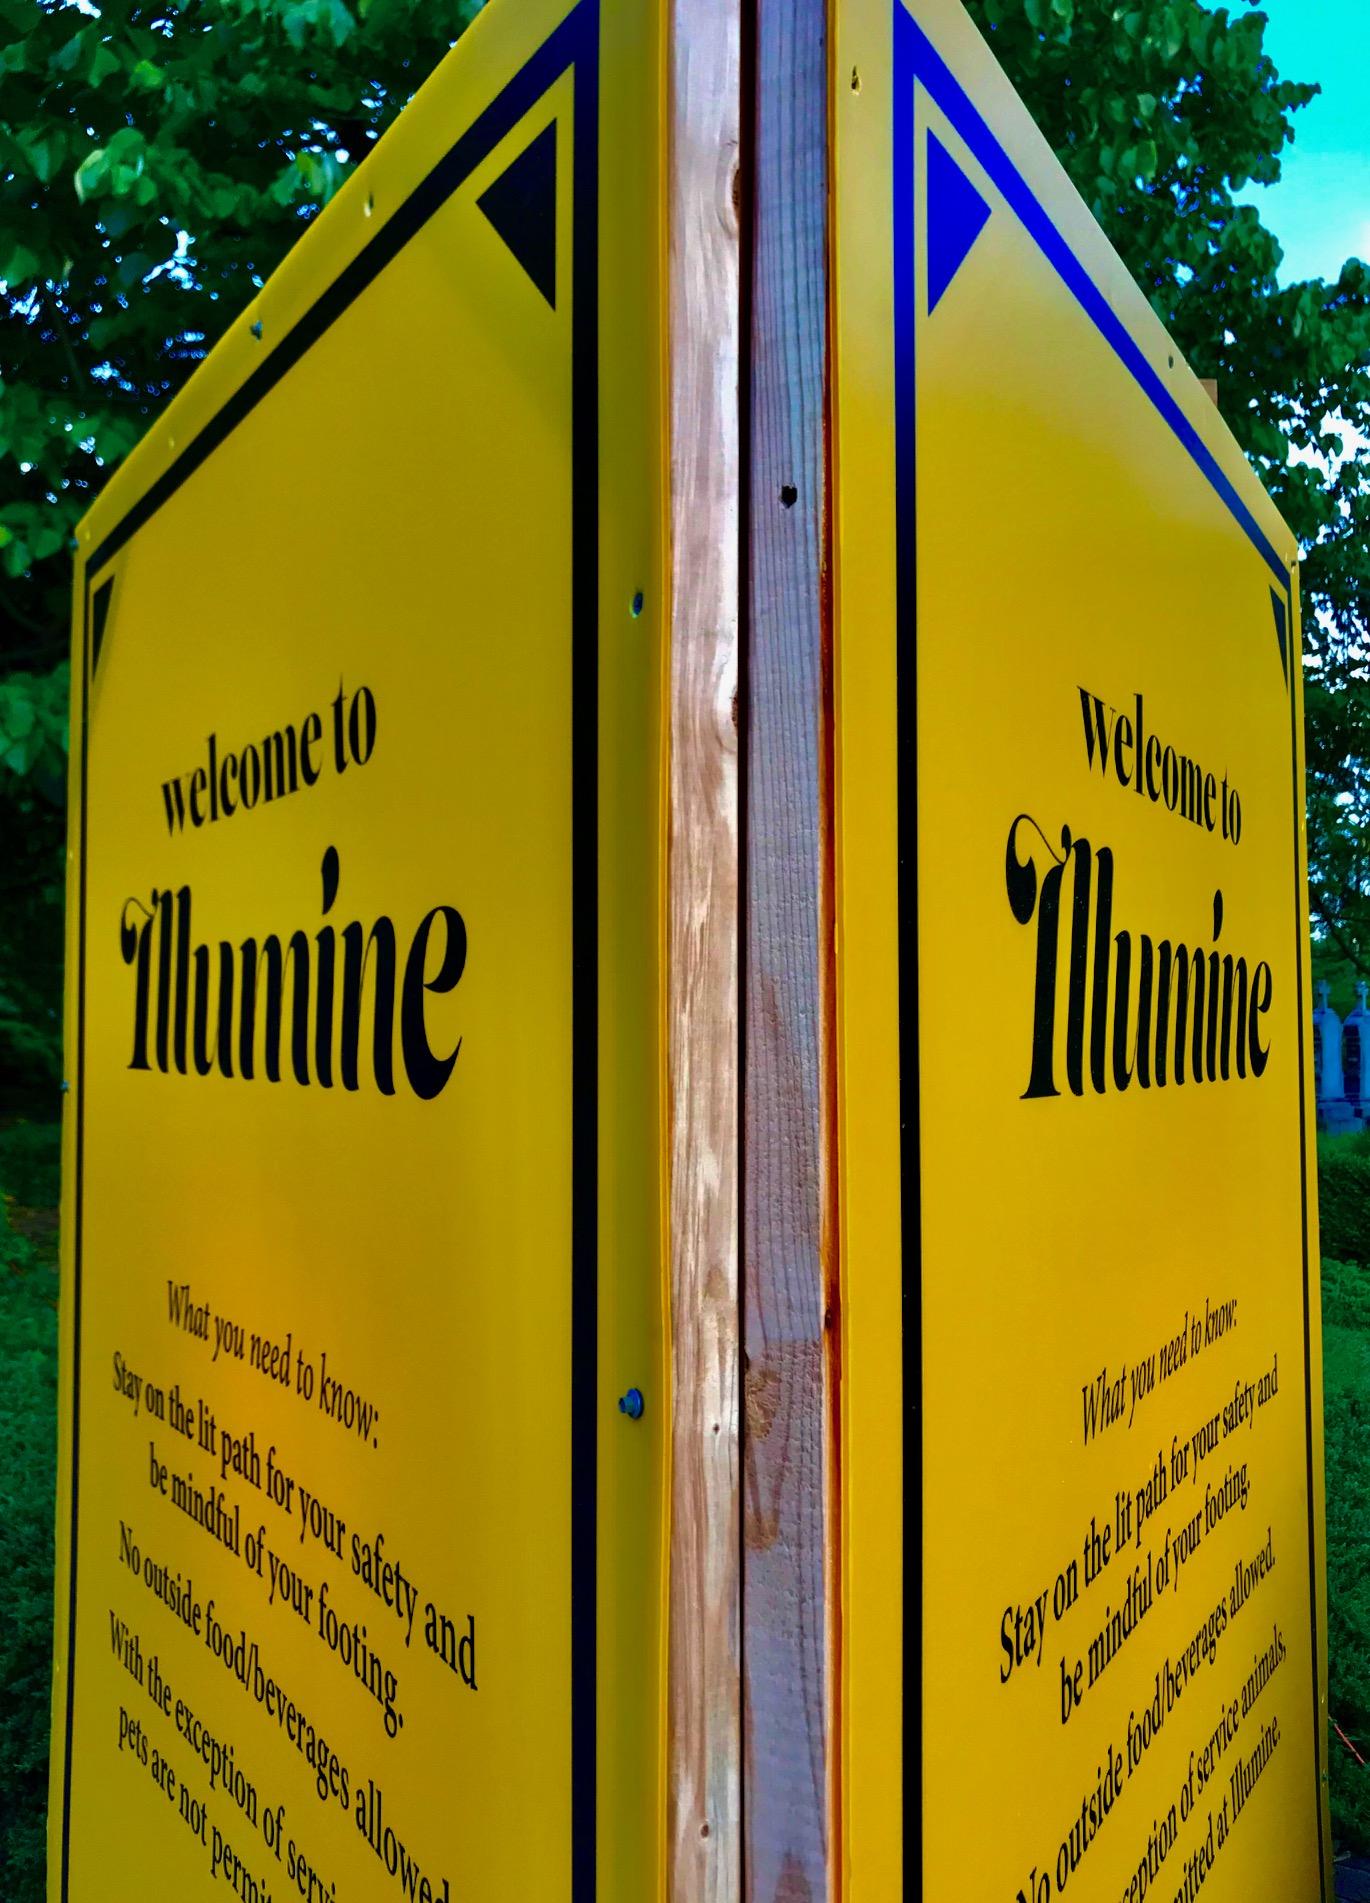 Illumine_02